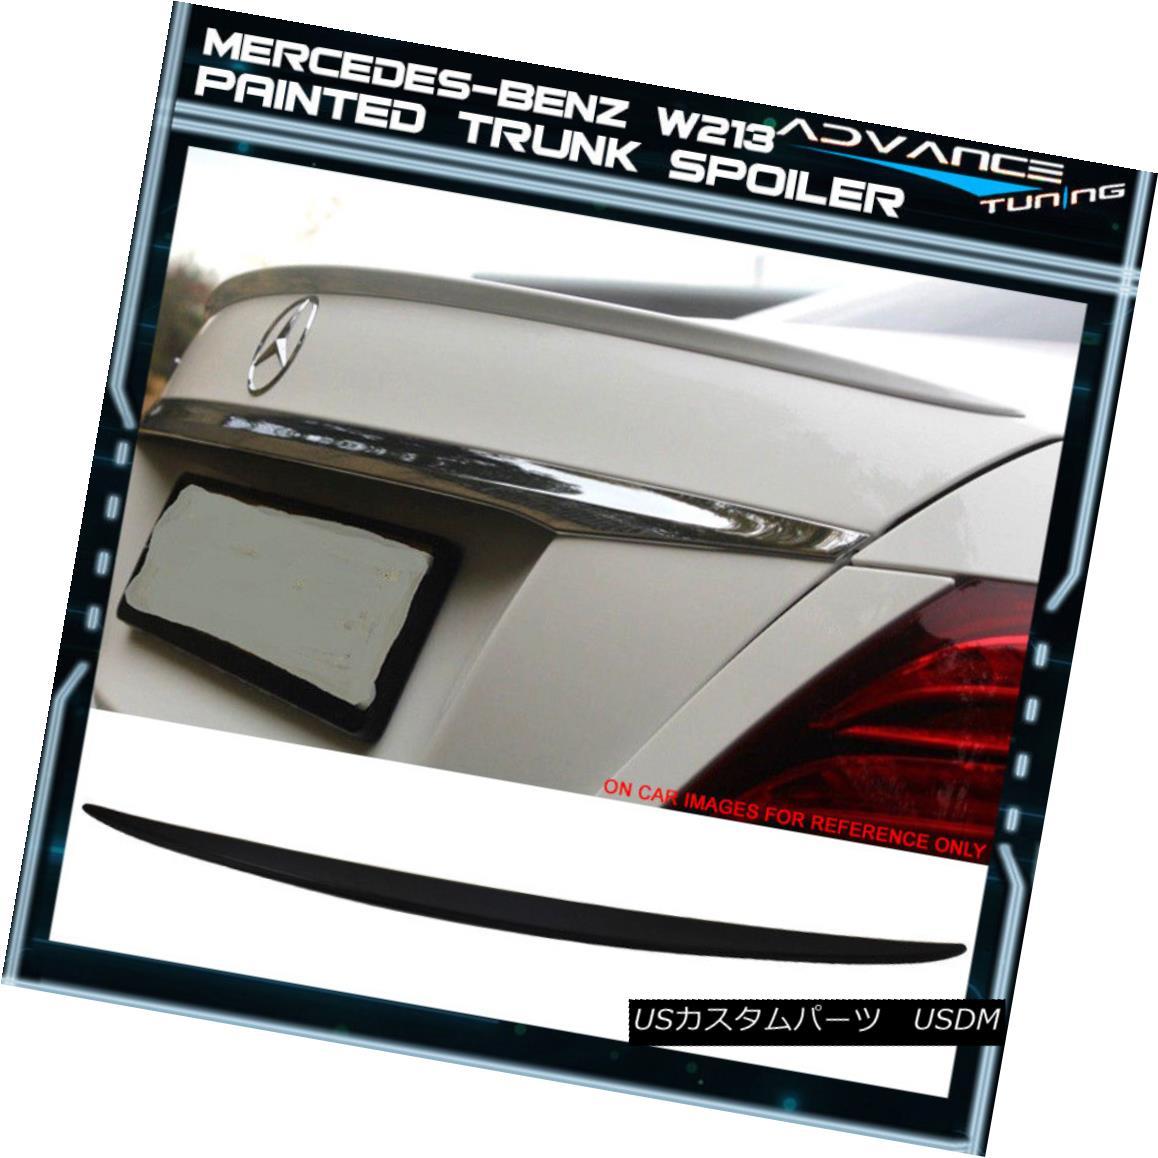 エアロパーツ 17-18 Benz E Class W213 Sedan OE Trunk Spoiler OEM Painted #197 Obsidian Black 17-18ベンツEクラスW213セダンOEトランク・スポイラーOEMペイント#197黒曜石